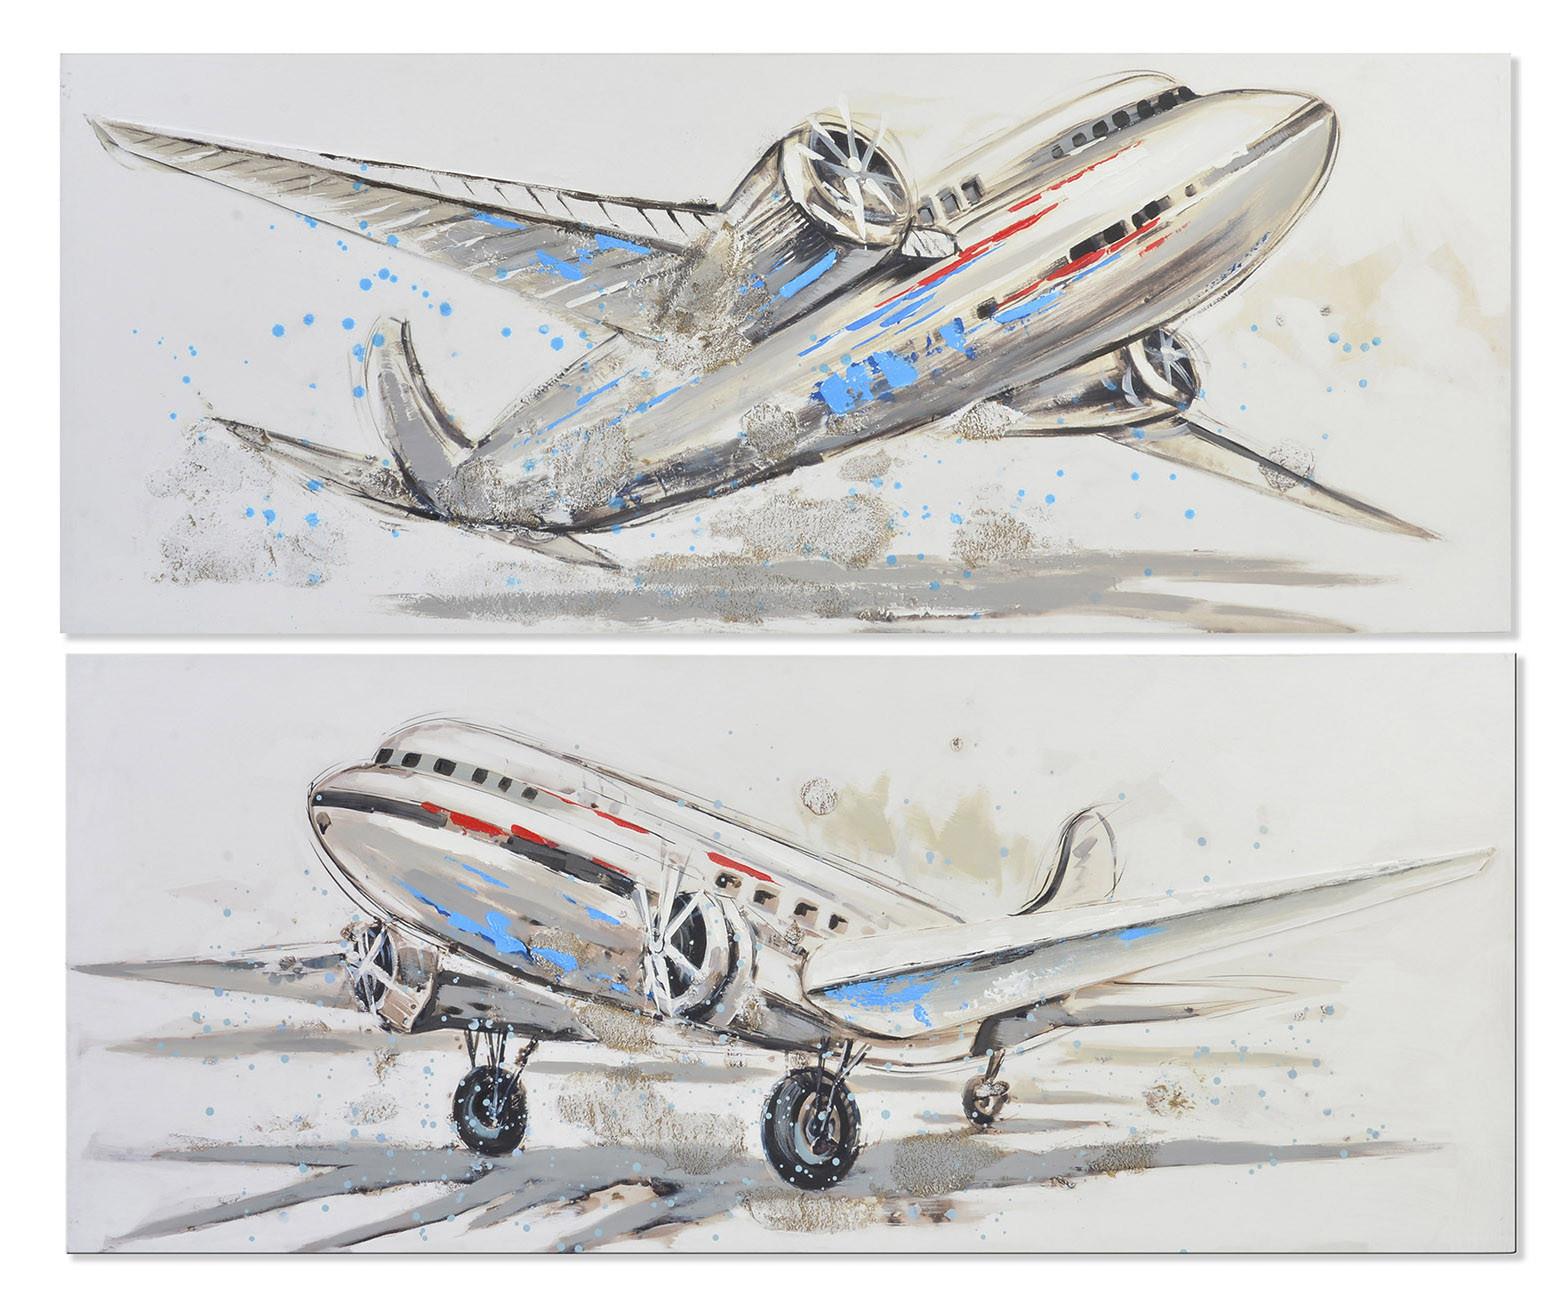 Cuadro de lienzo de aviones pintado a mano para decoración 150 x 60 cm - Hogar y más